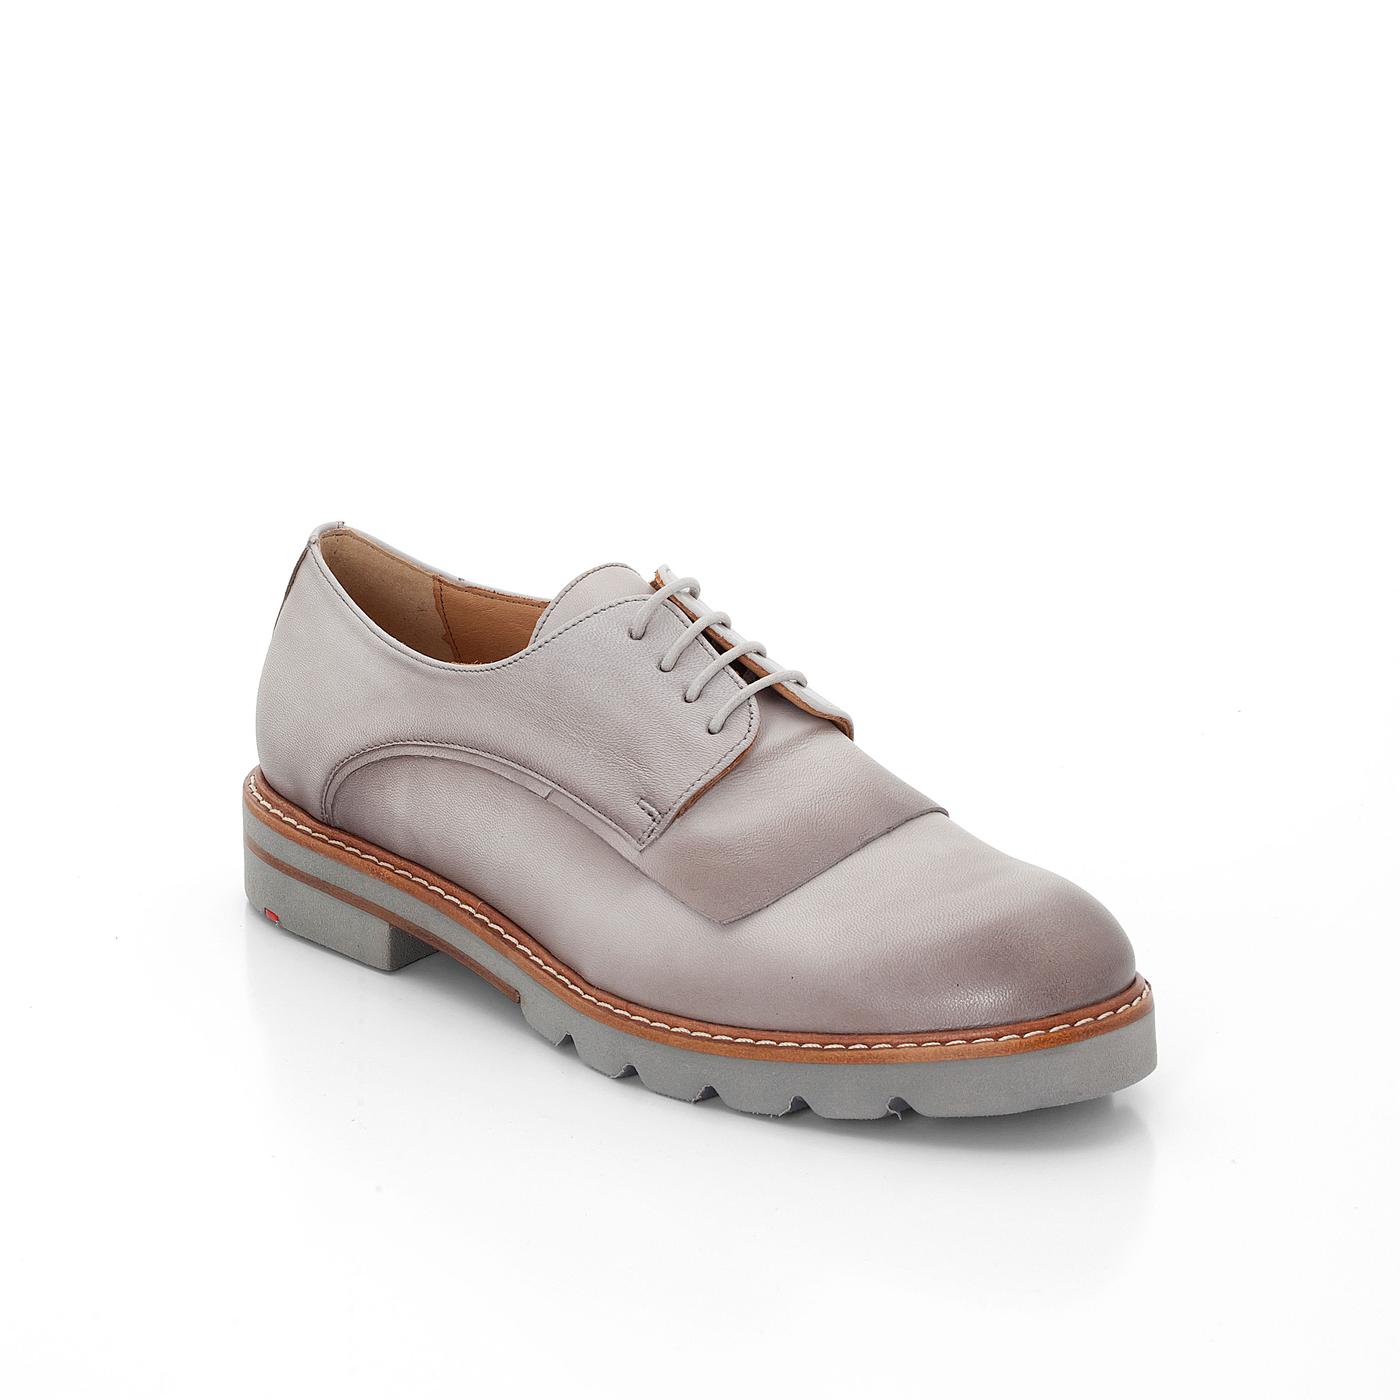 Halbschuhe | Schuhe > Boots > Schnürboots | Grau | Leder | Lloyd